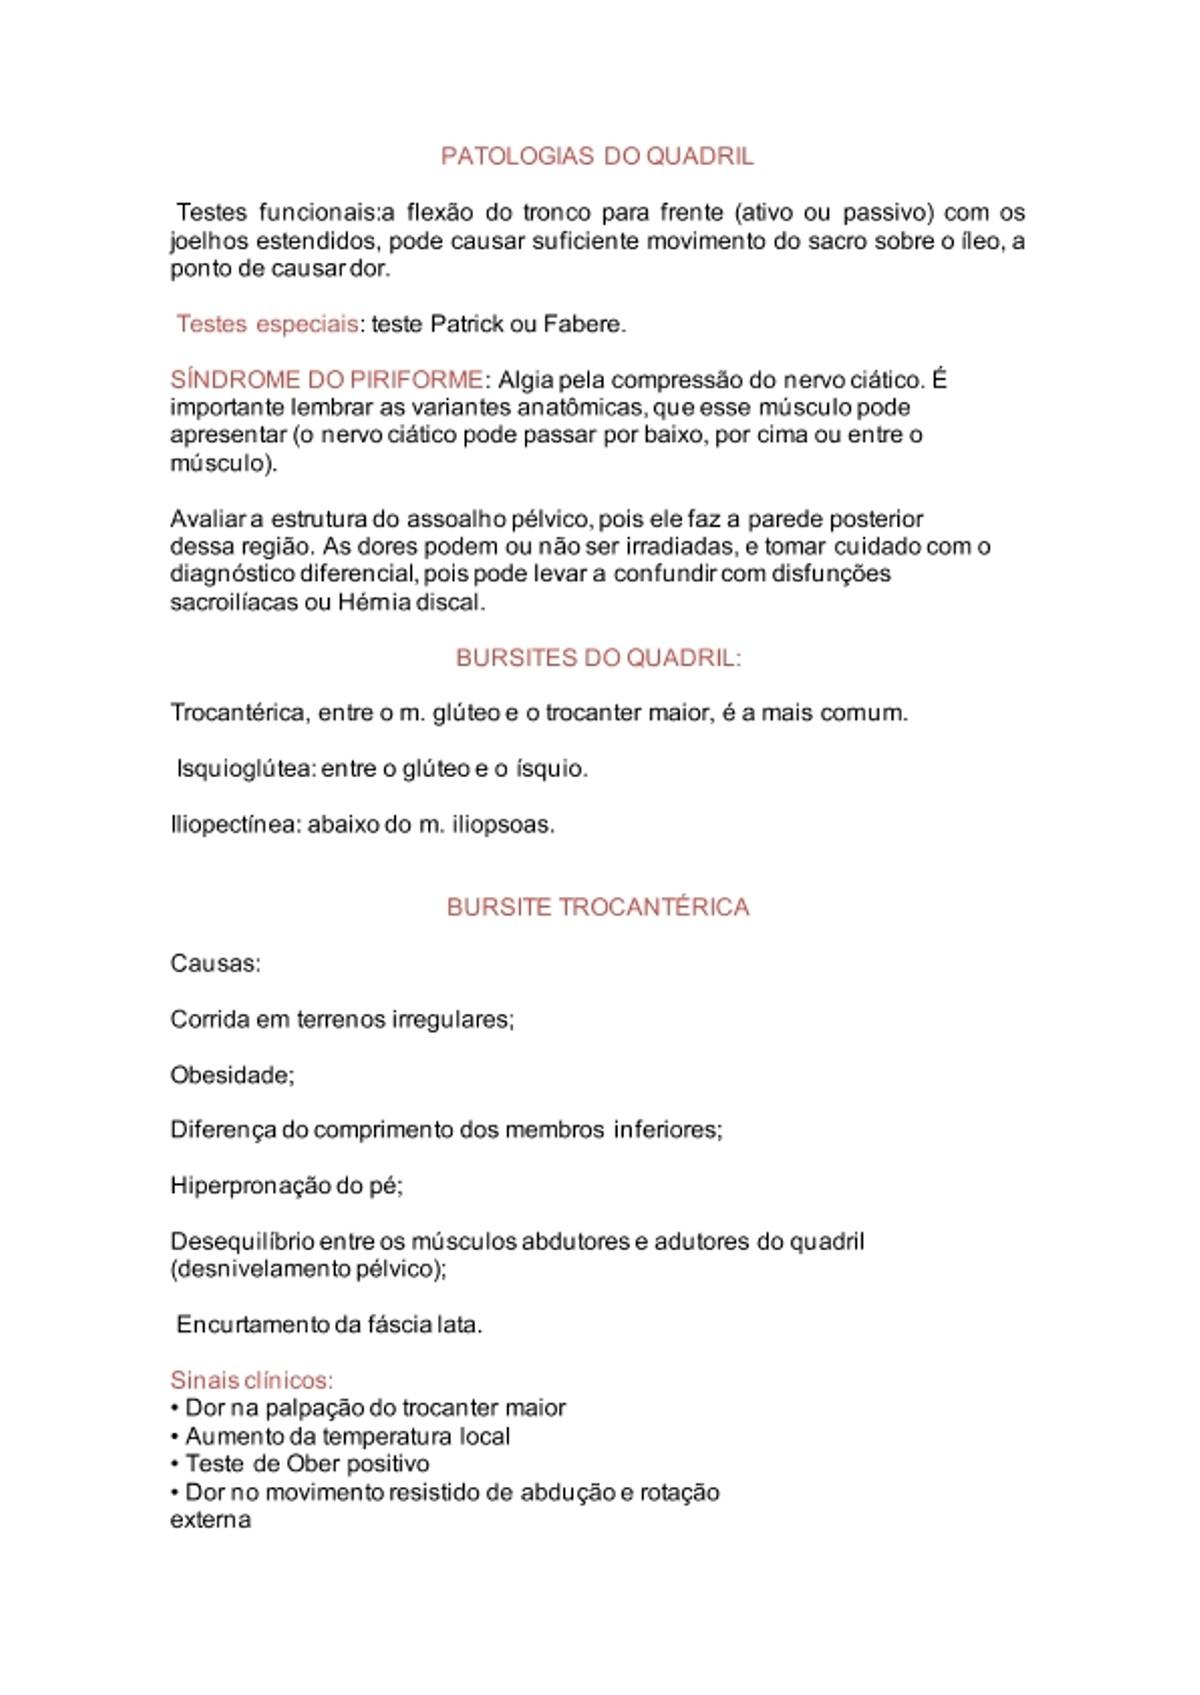 Pre-visualização do material PATOLOGIAS DO QUADRIL - página 1